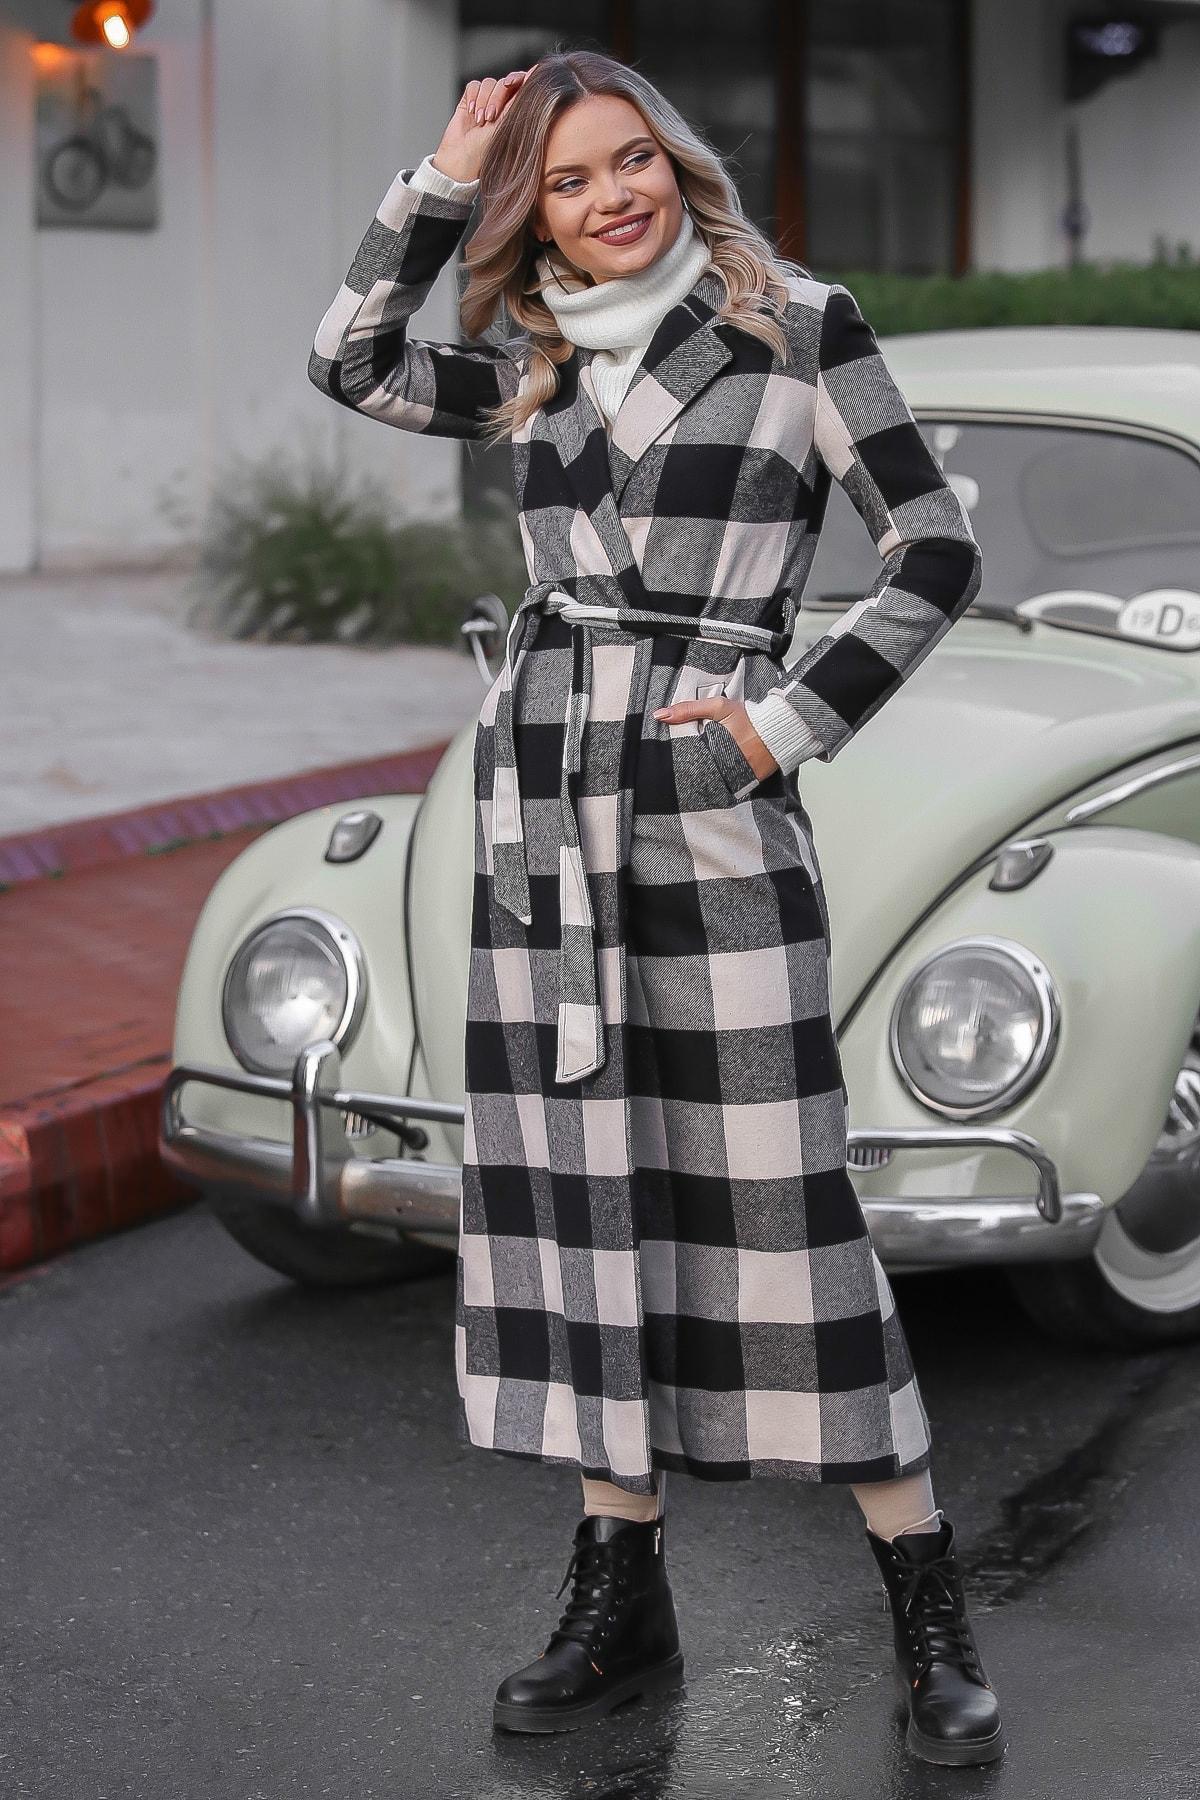 Chiccy Kadın Siyah-Ekru Klasik Ceket Yakalı Ekose Cepli Astarlı Yırtmaçlı Uzun Kaşe Kaban M10210200KA99841 1